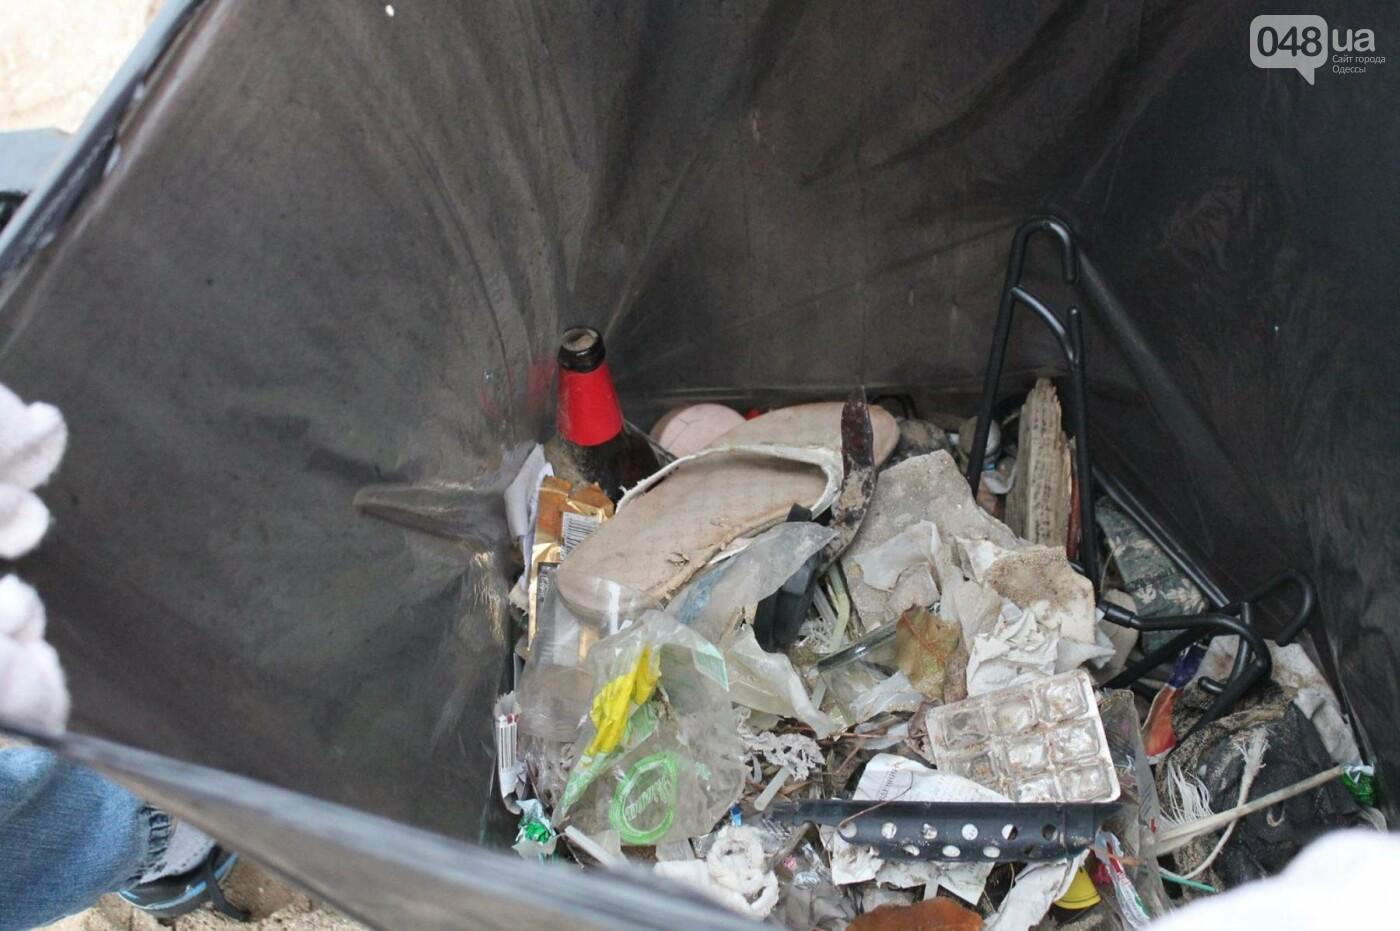 На пляже в одесской Лузановке обнаружили использованные шприцы (ФОТО), фото-3